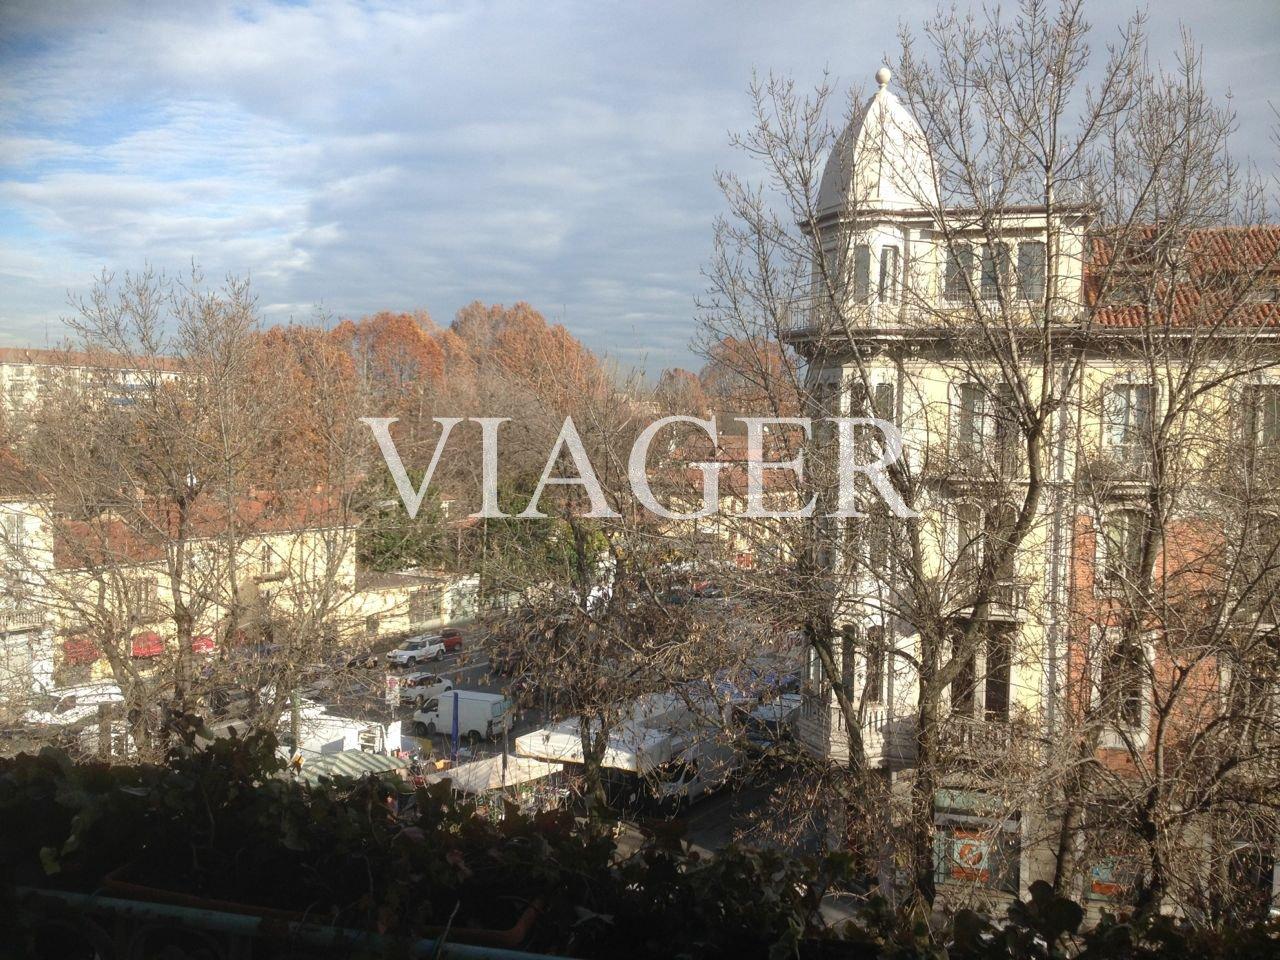 http://www.viager.it/public/Vgr-1245-11022_g.jpg